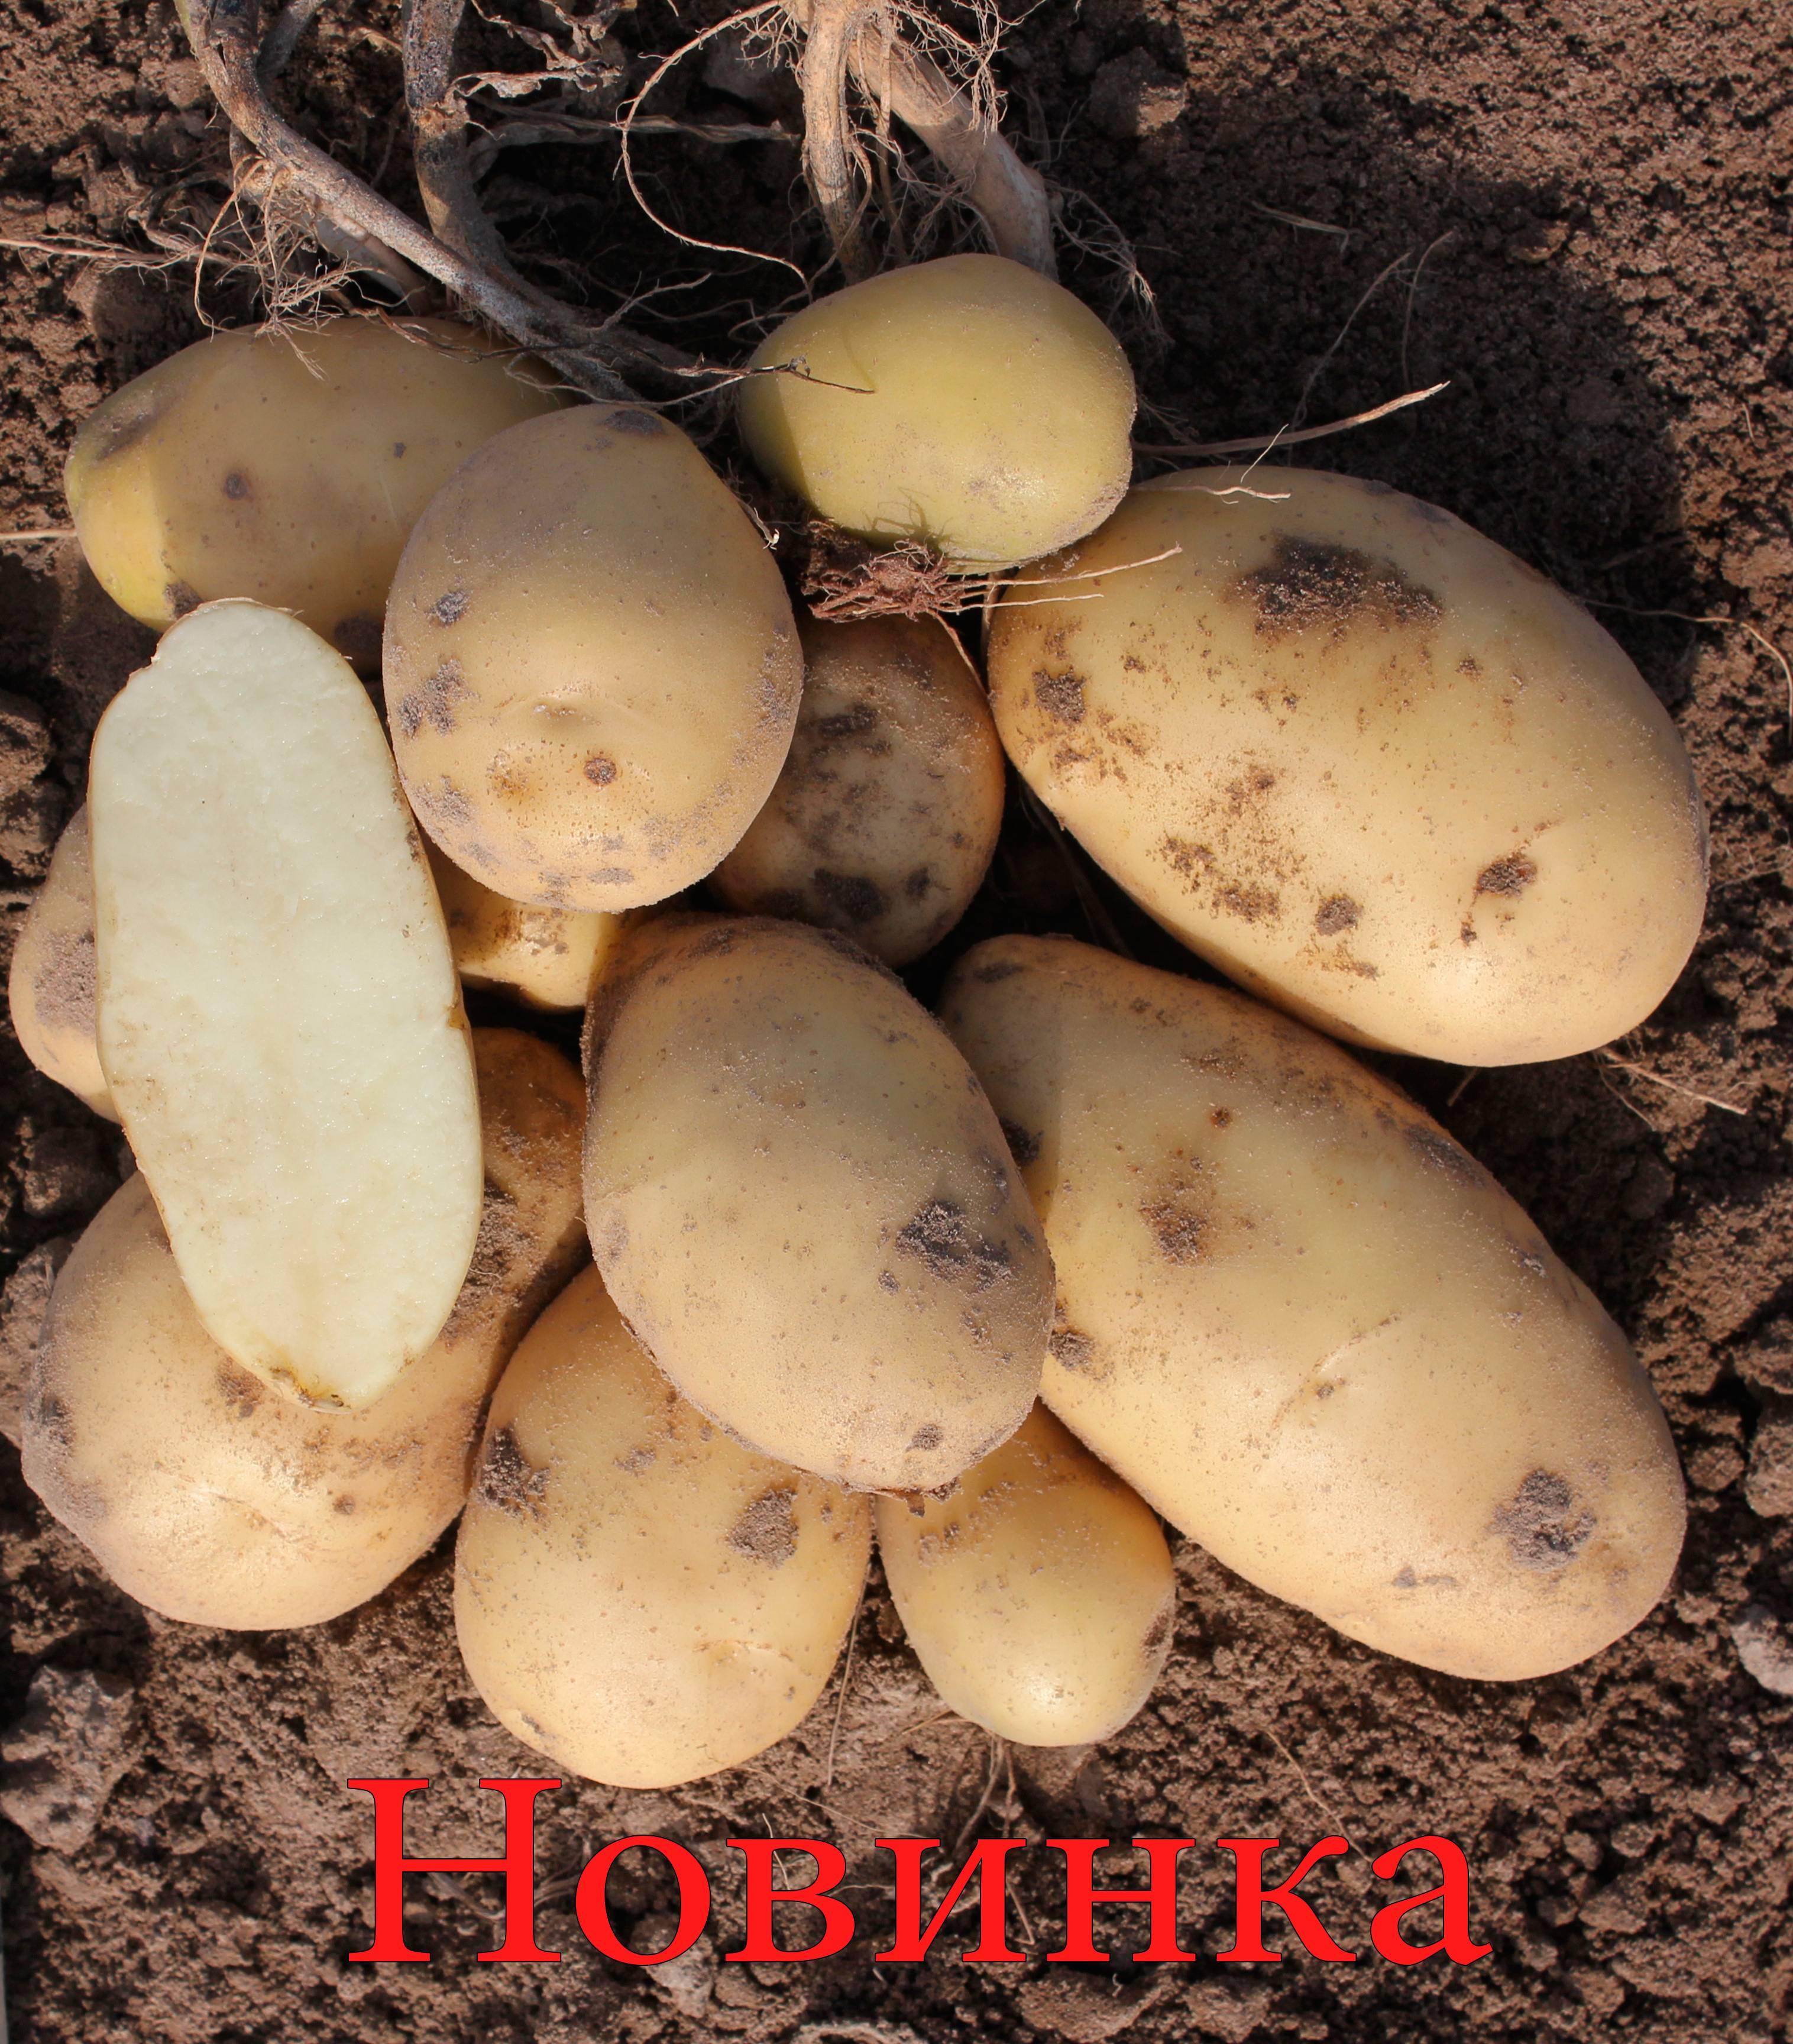 Сорт картофеля манифест: описание и характеристика, отзывы